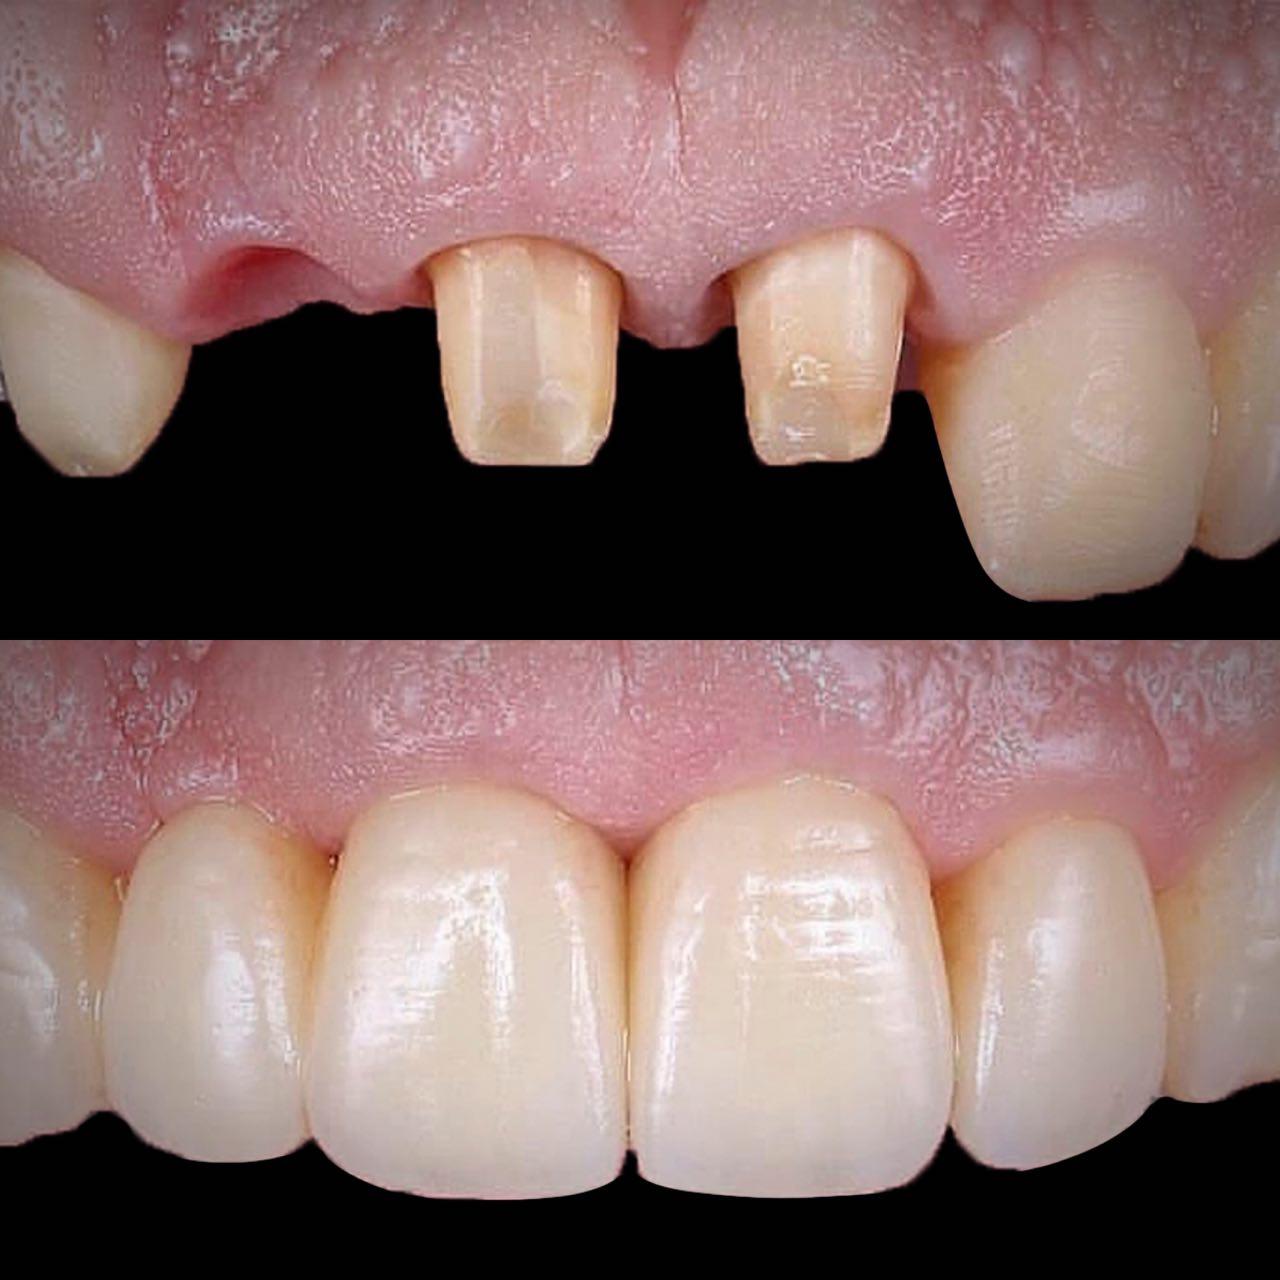 IMG 8A5DD7D7AB66 1 - Керамічні зубні коронки